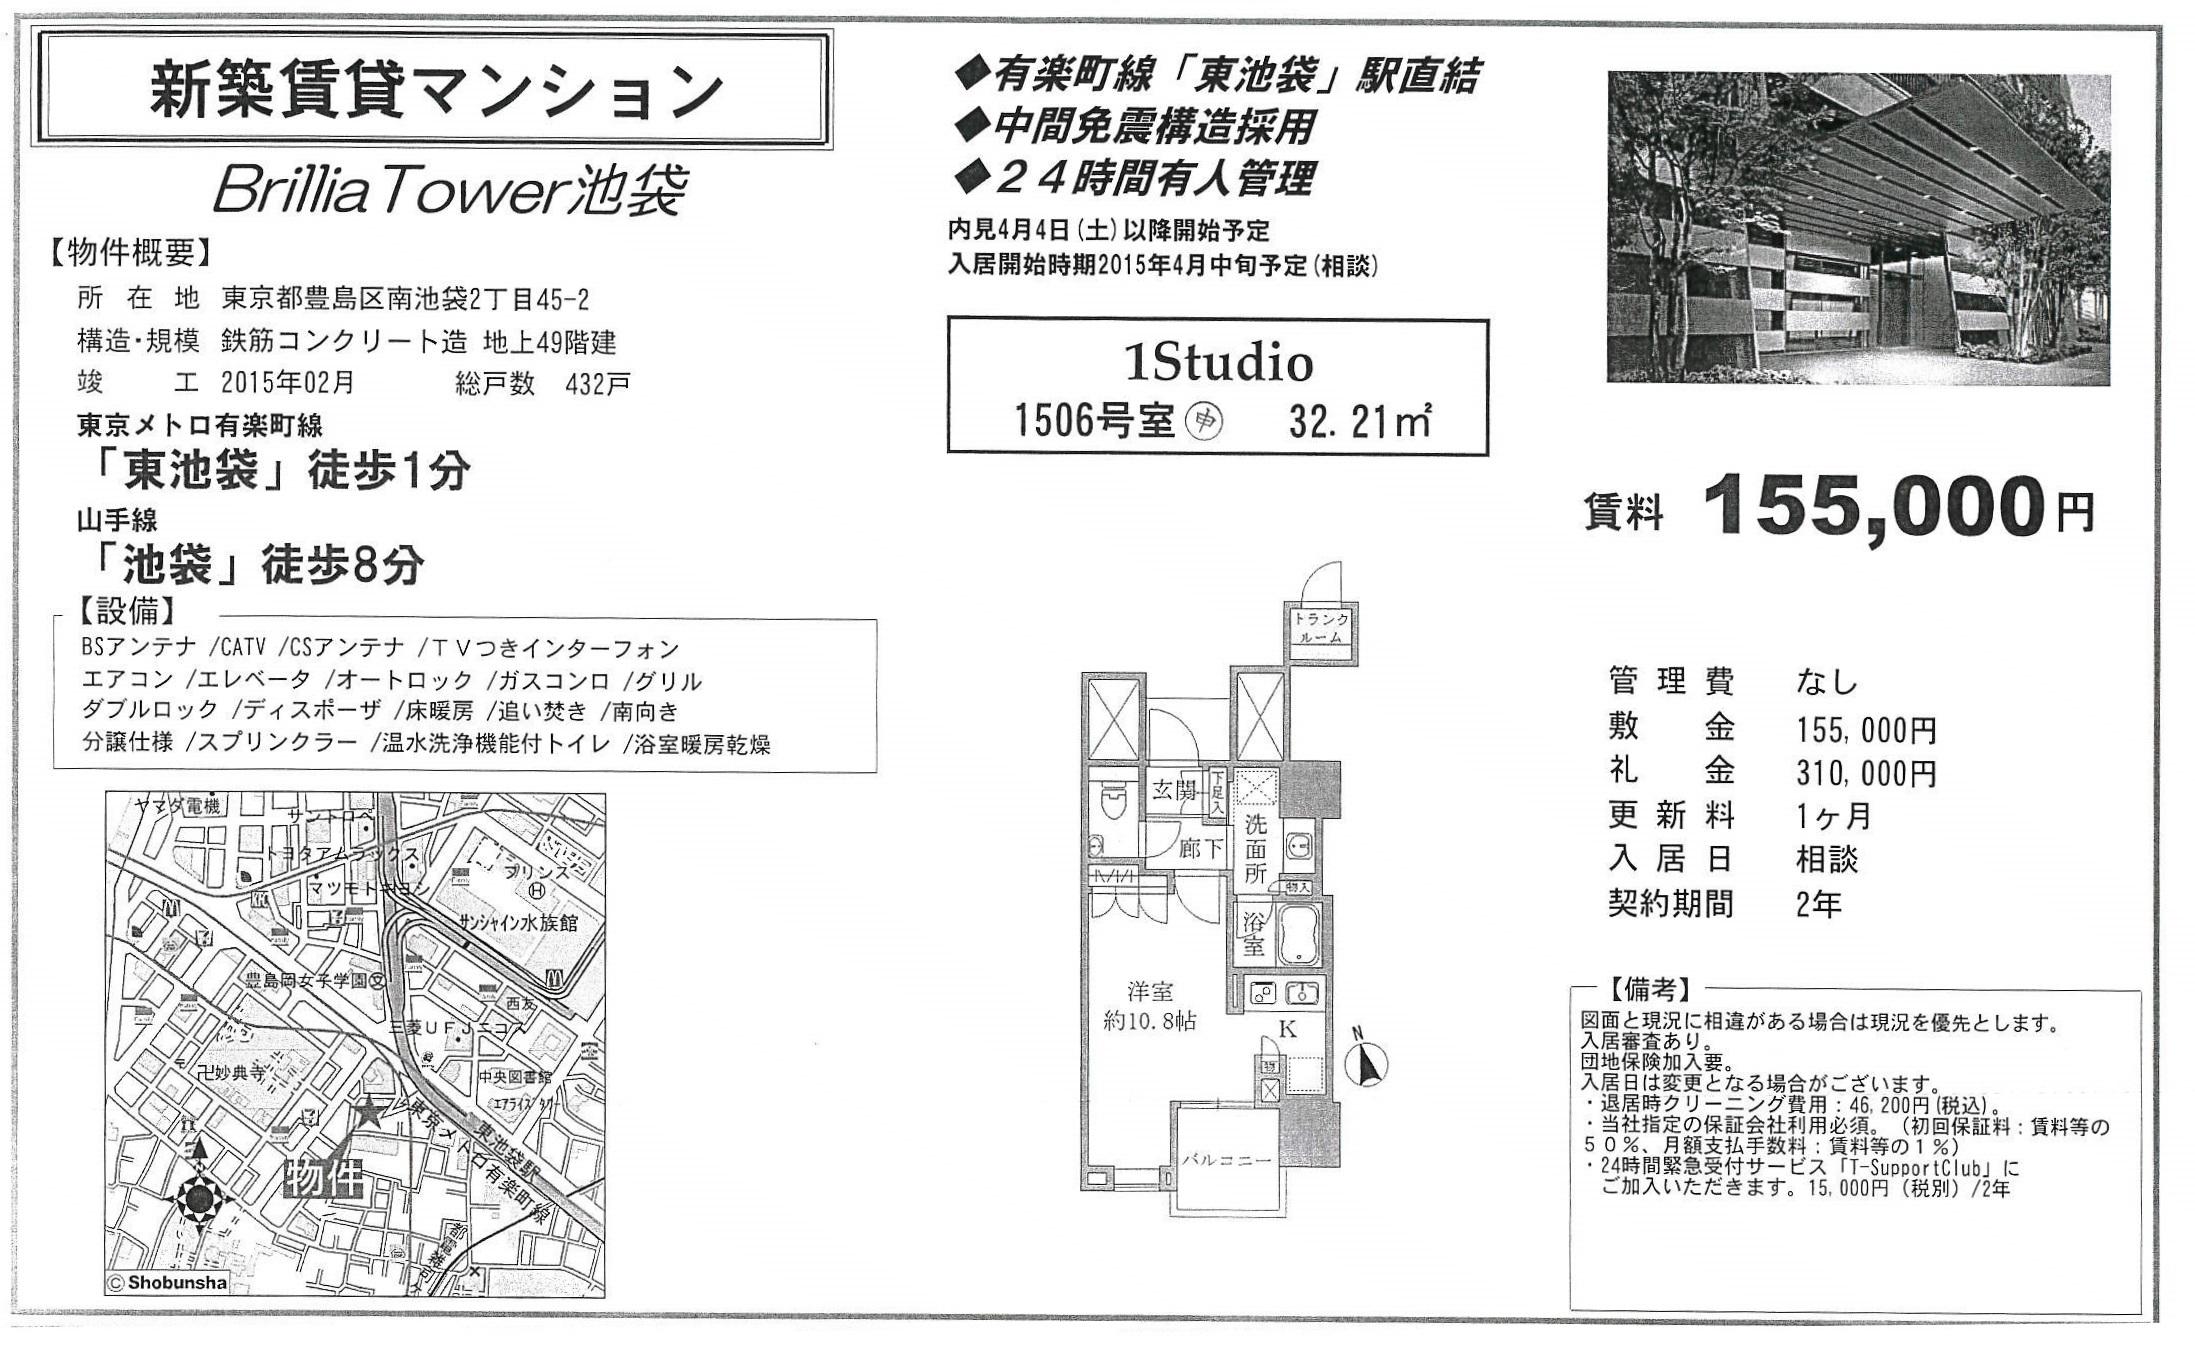 ブリリアタワー池袋図面1506号室